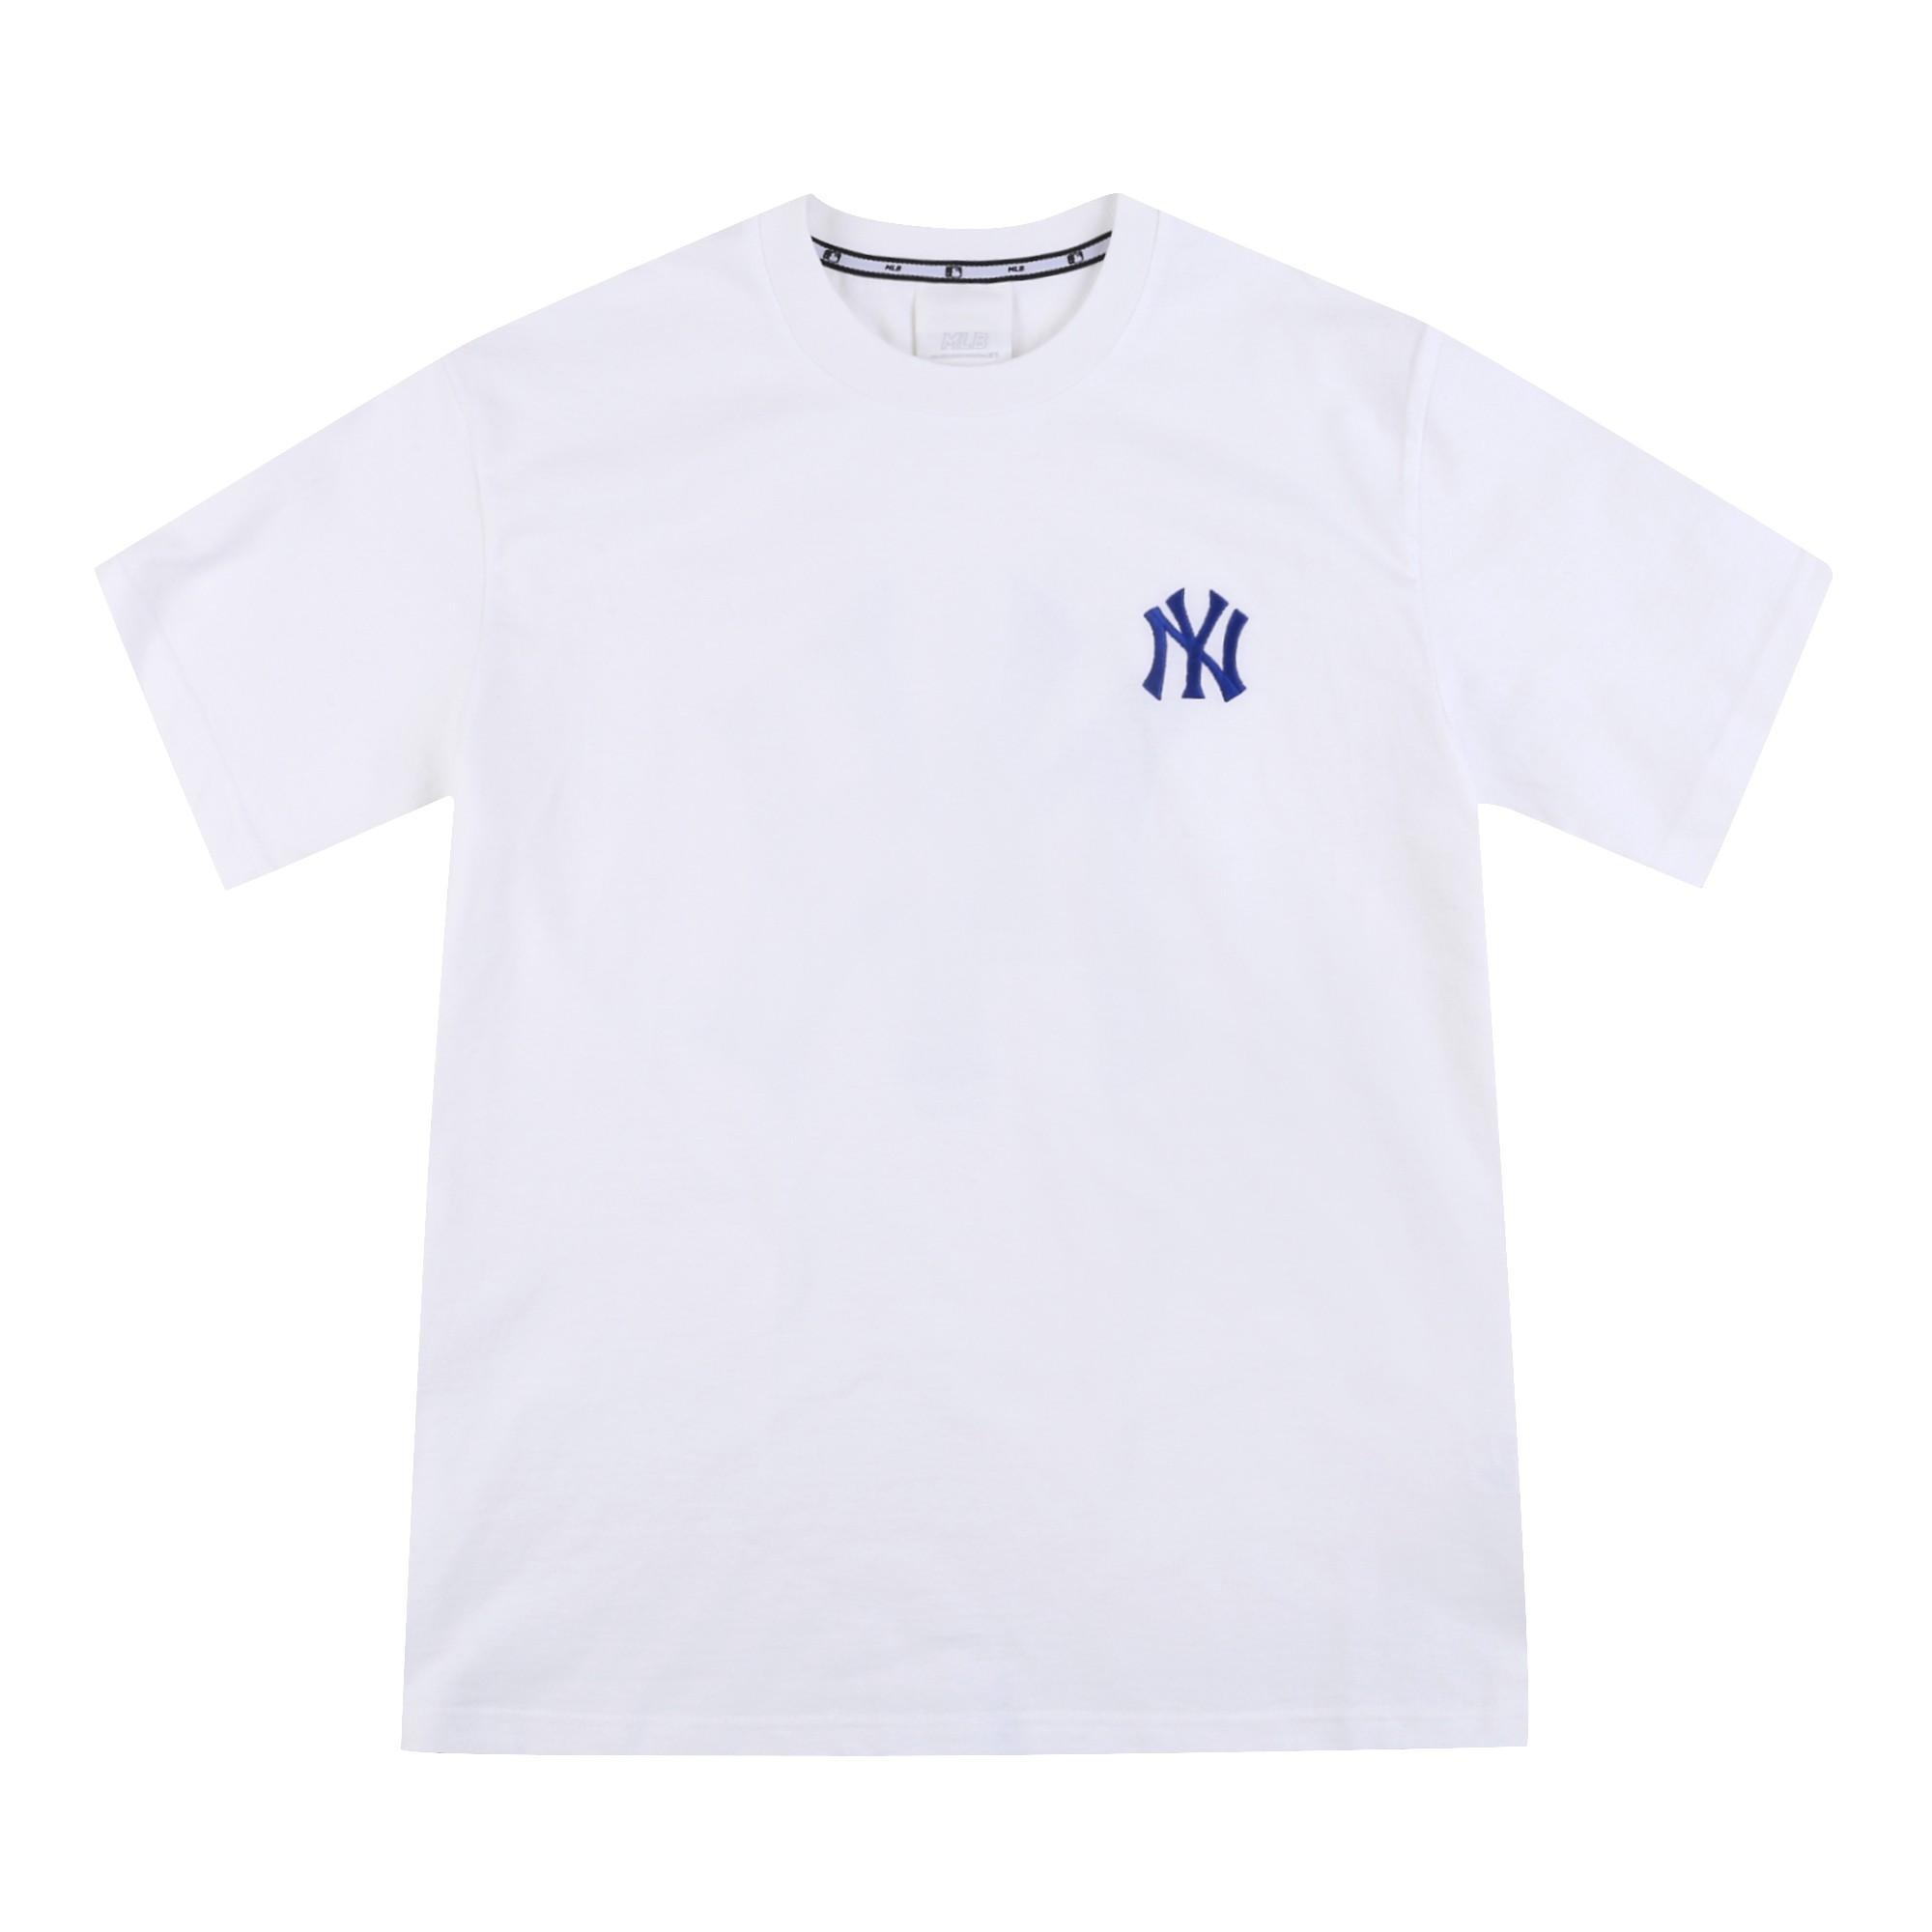 #WHITE TSS3 New York Yankees 95